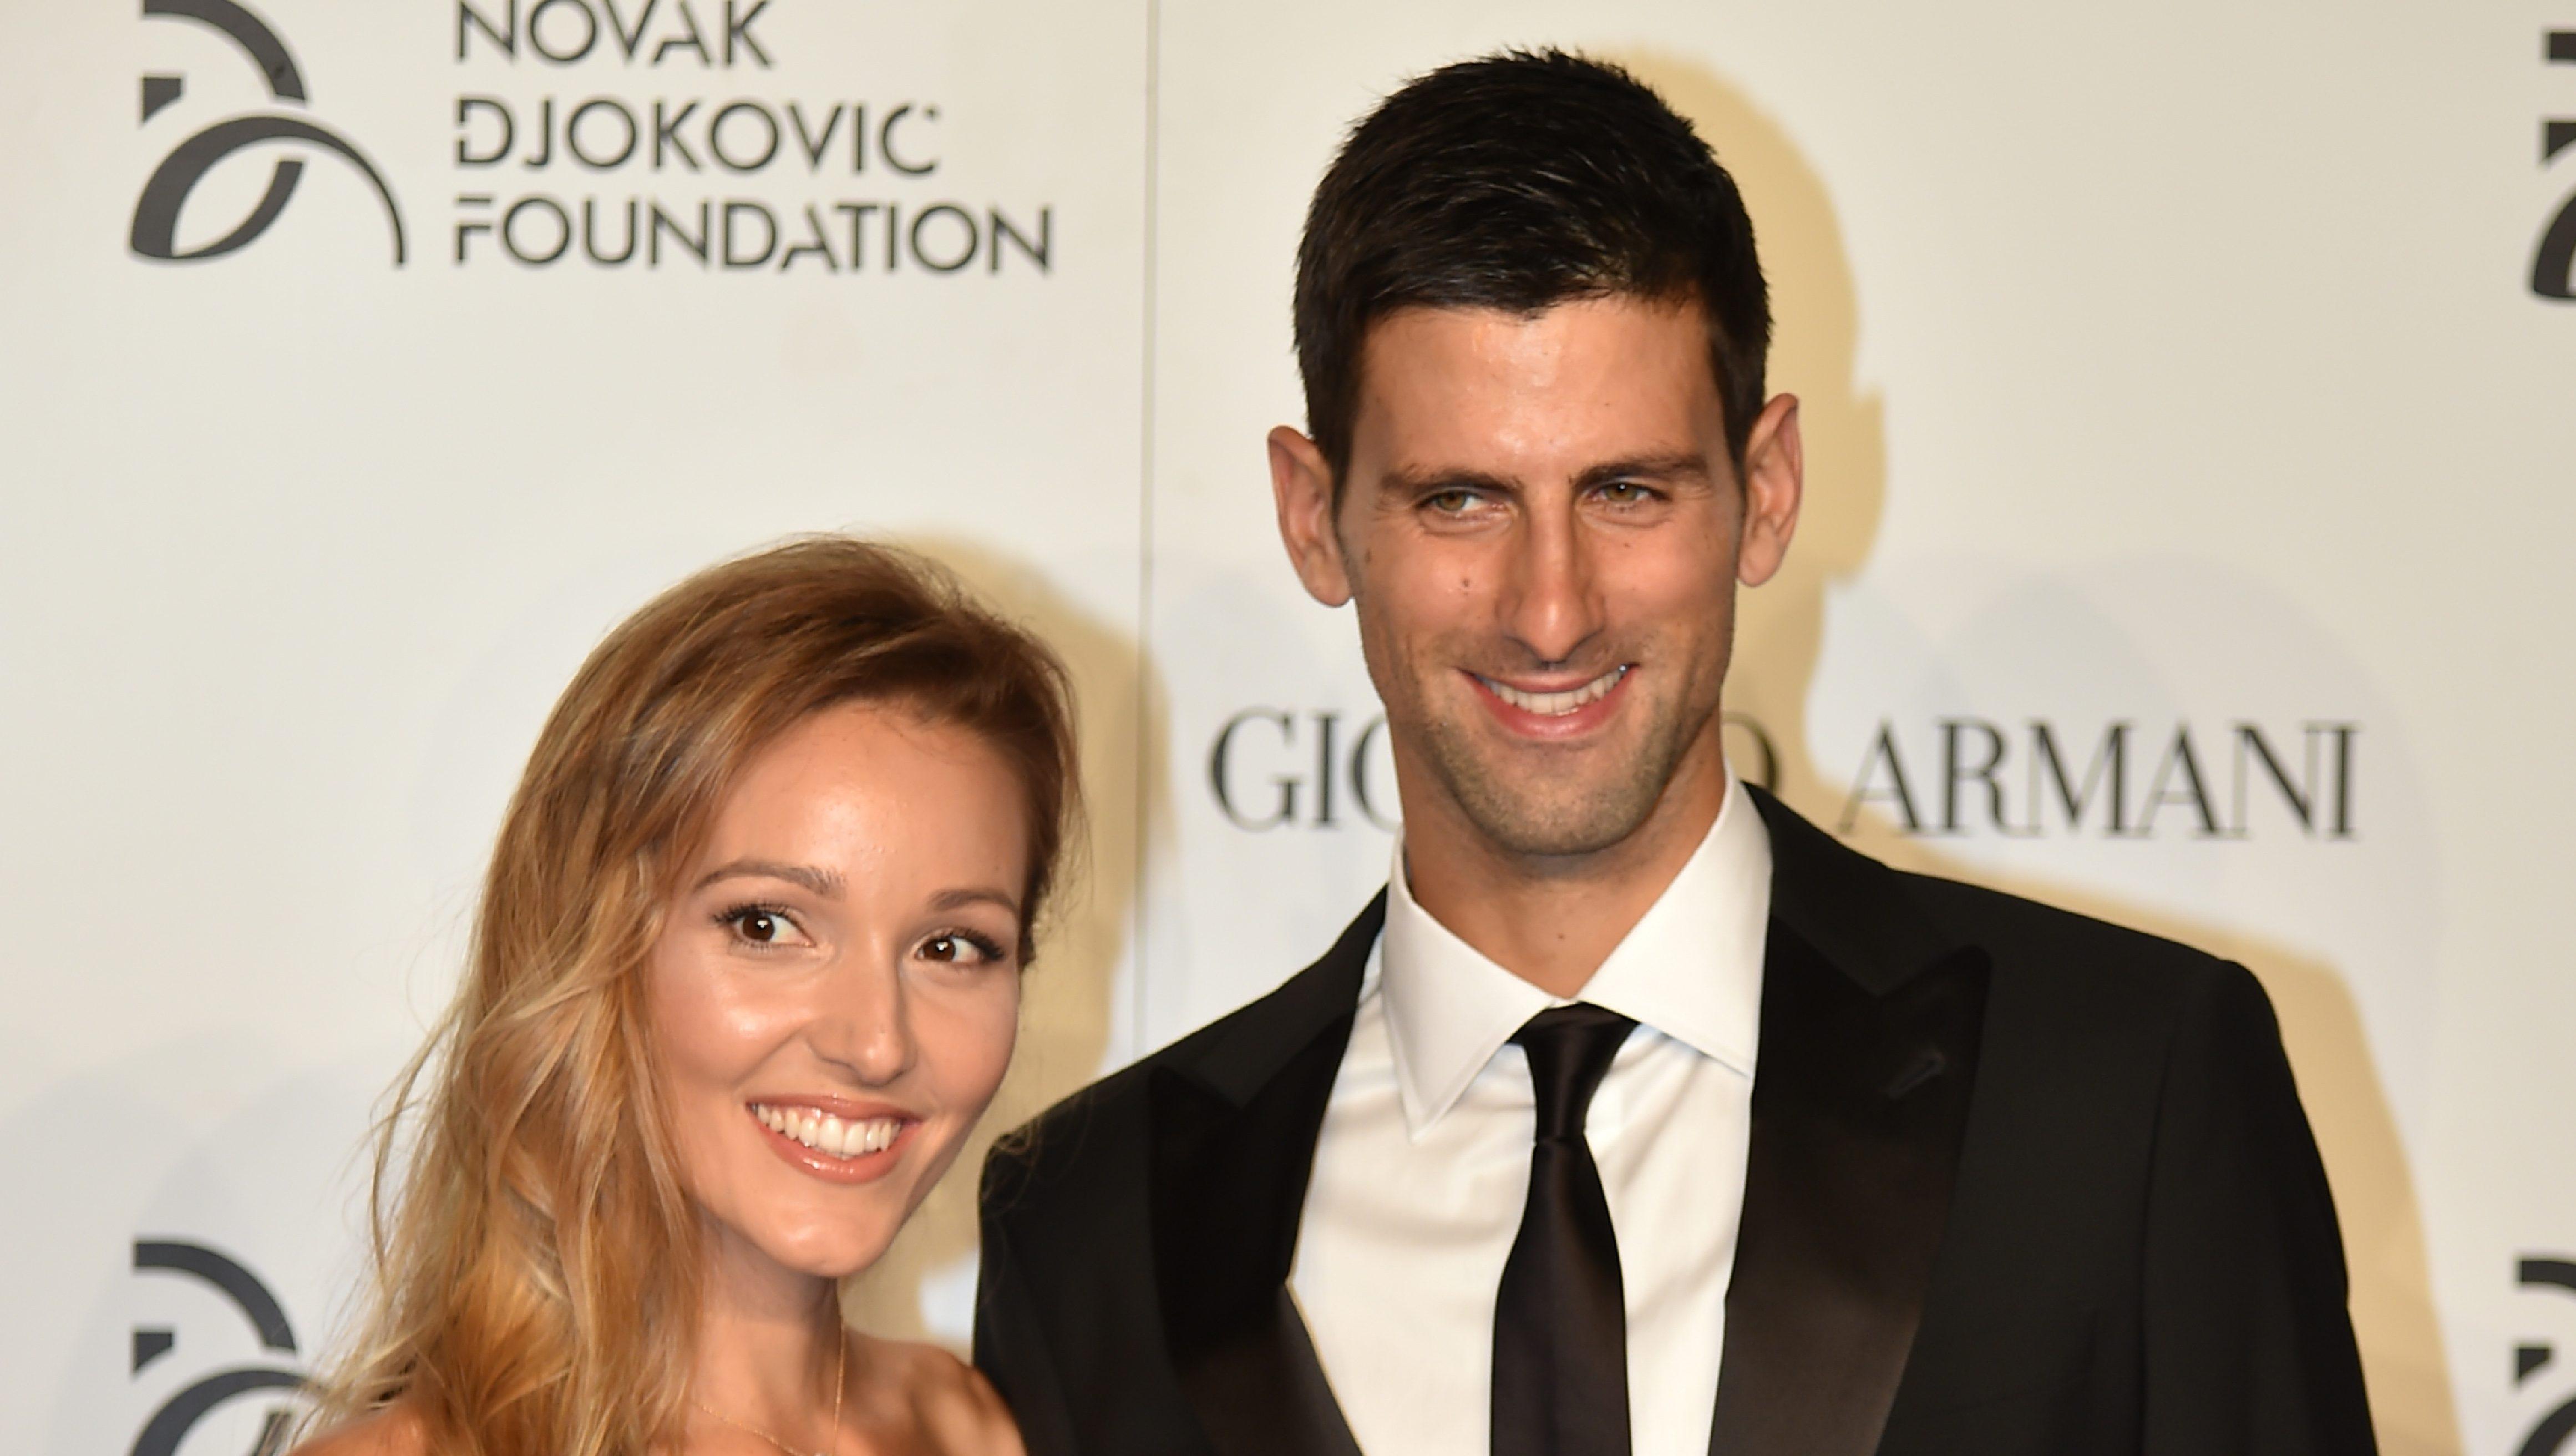 Novak Djokovic S Wife Kids 5 Fast Facts To Know Heavy Com